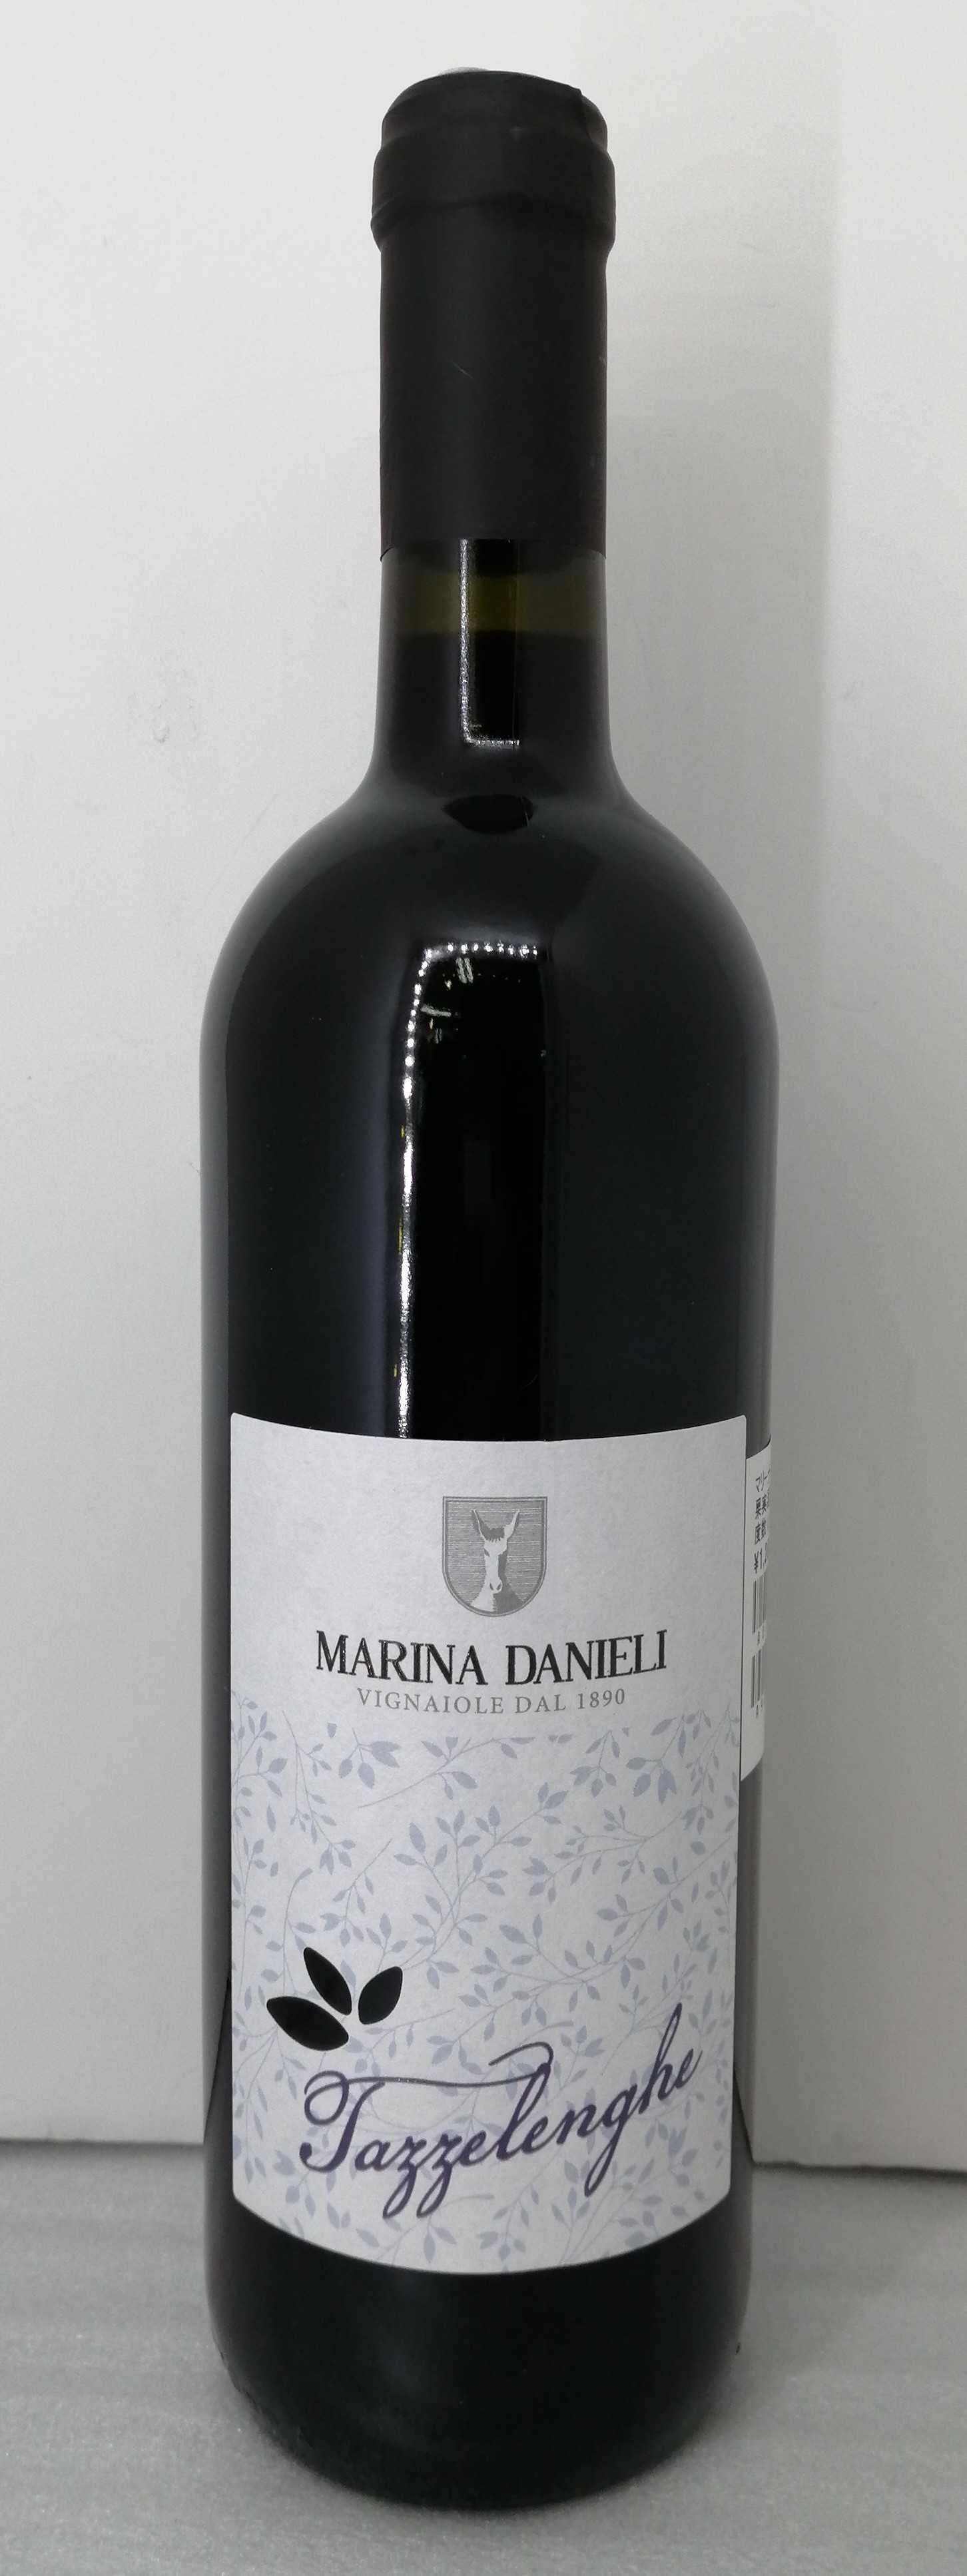 マリーナ ダニエリ タッツェレンゲ|マリーナ ダニエリ